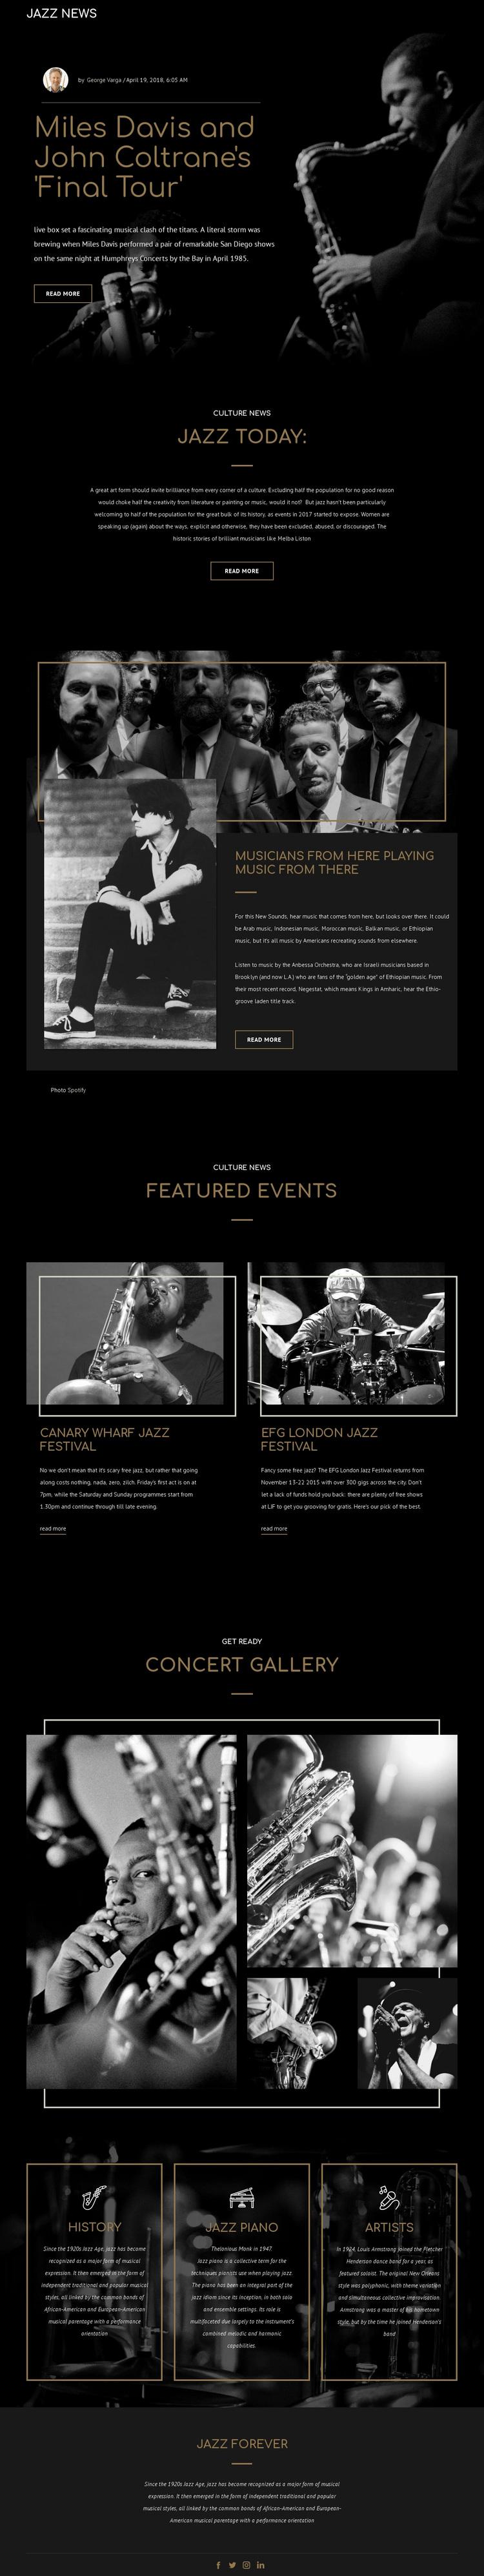 Legengs of jazz music Website Design